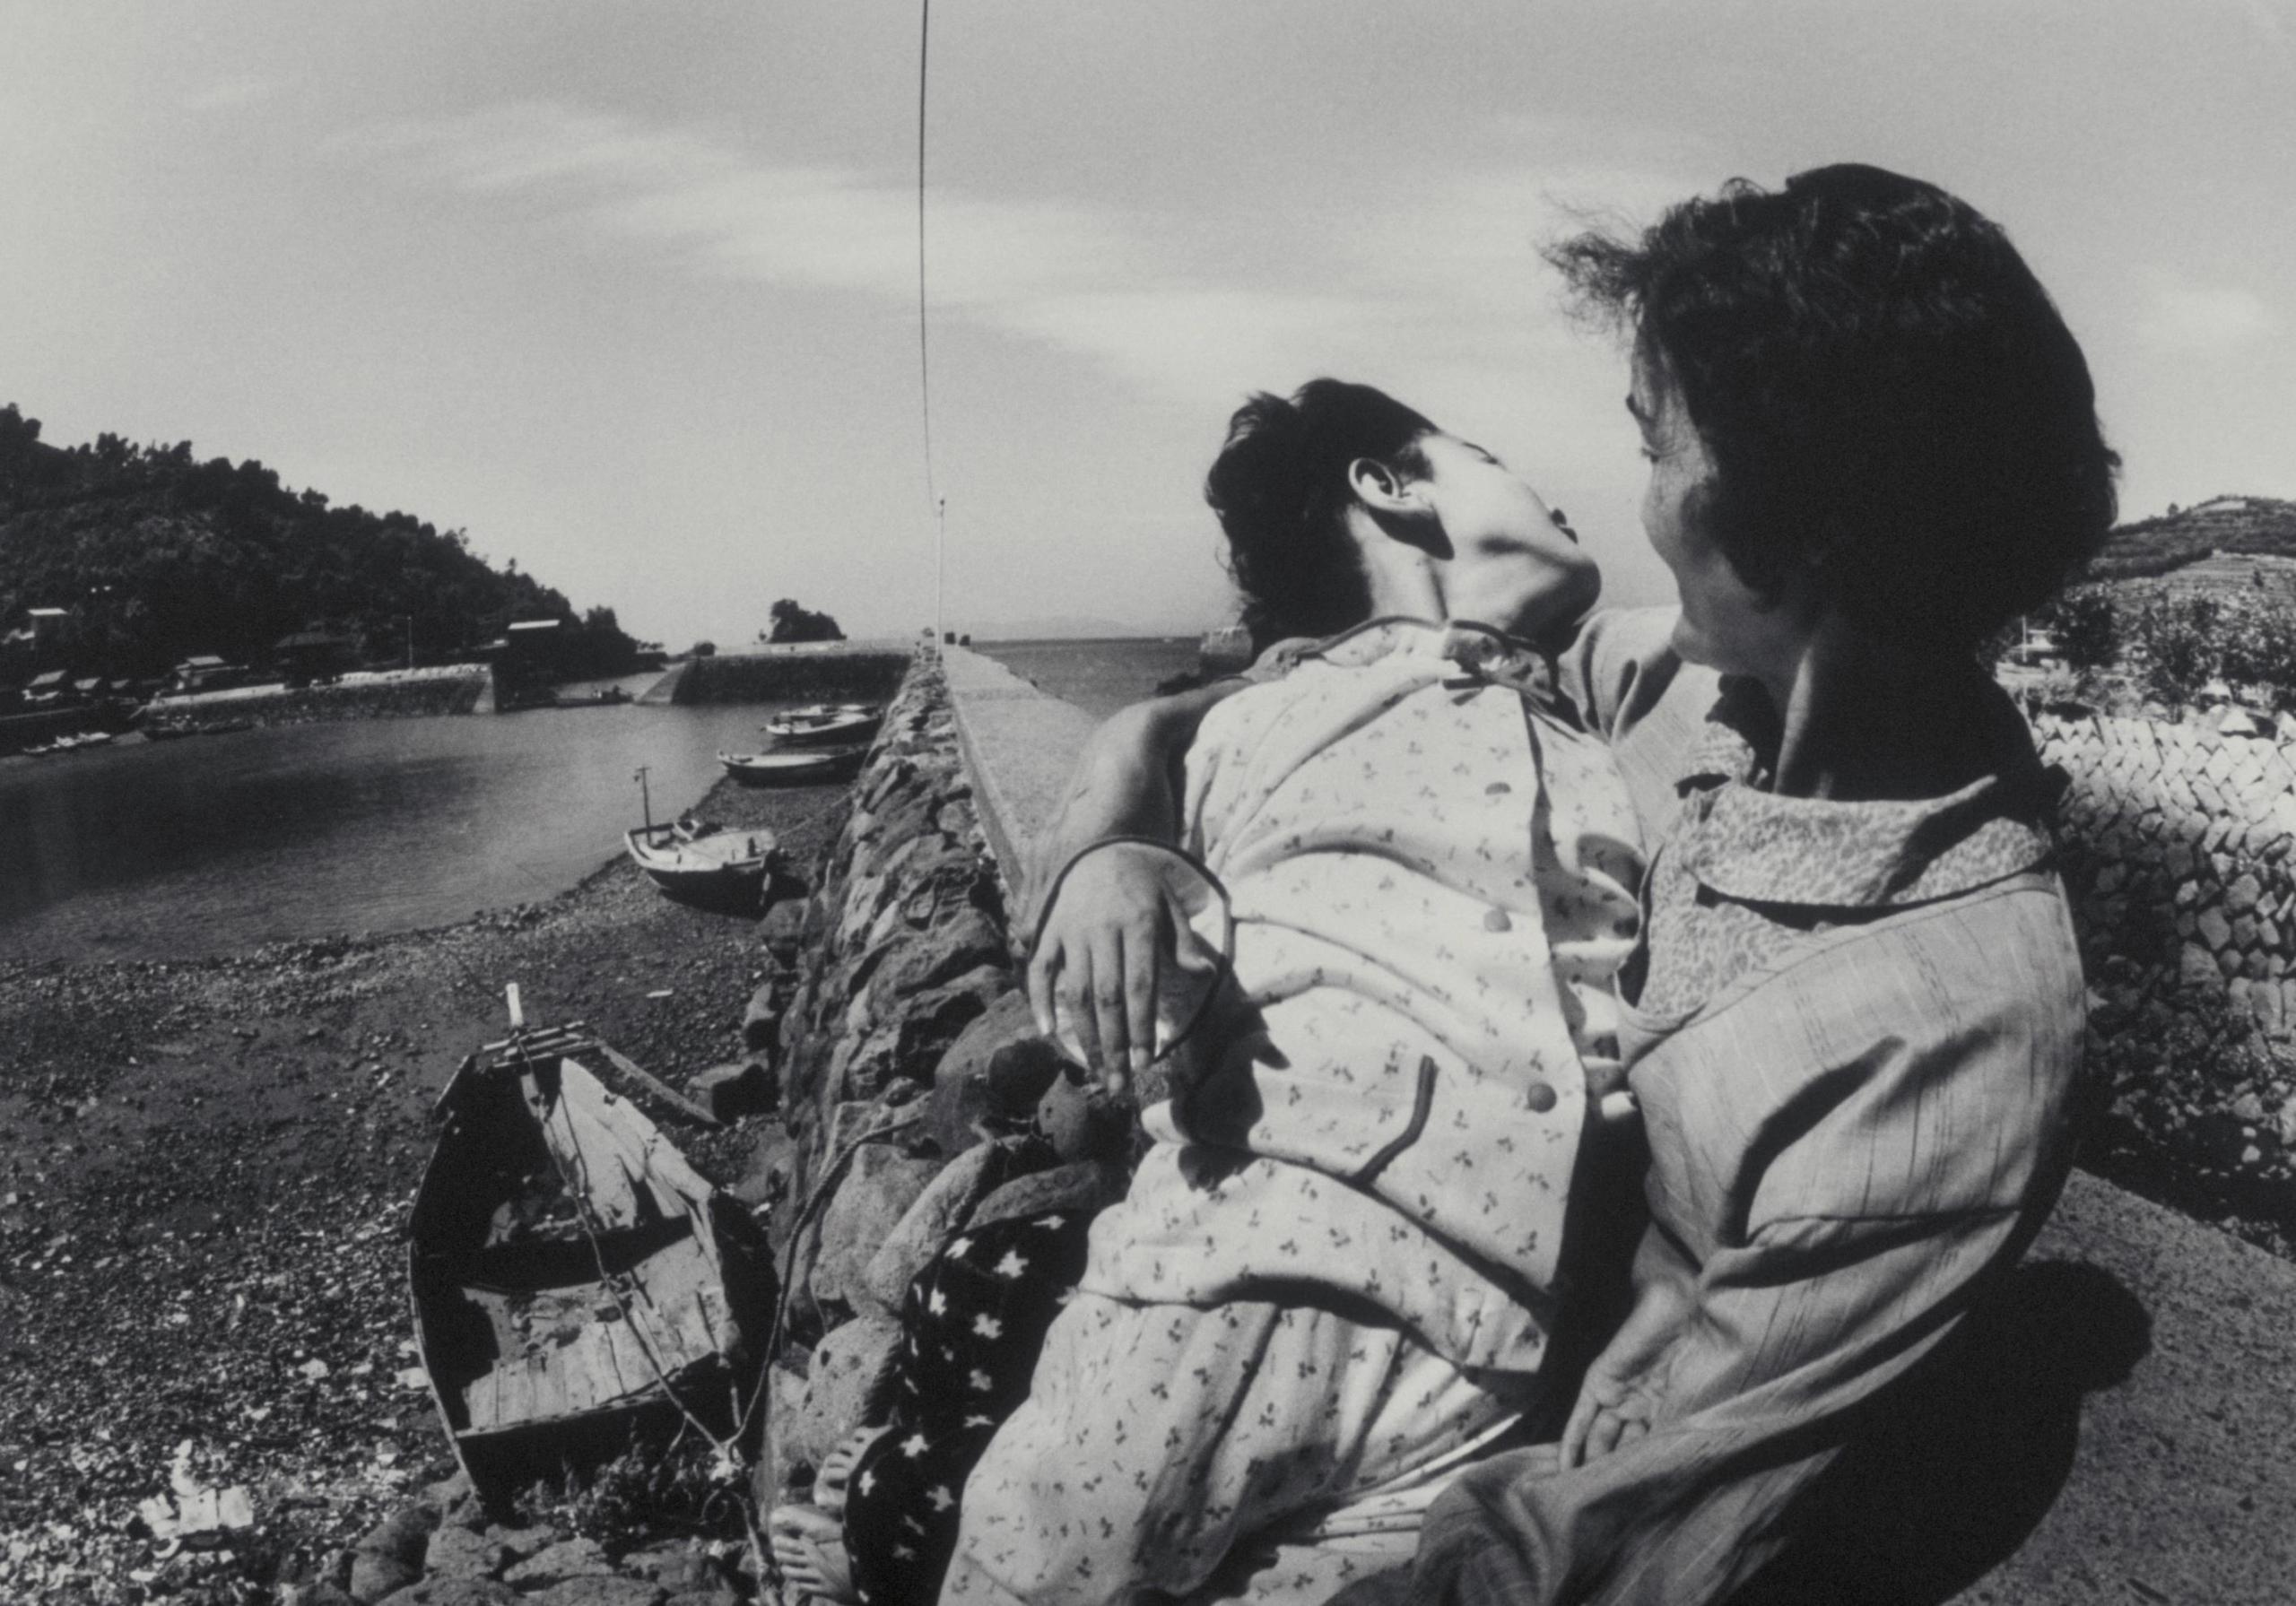 اندرو لویتاس کارگردان فیلم Minamata با بازی جانی دپ می گوید :«نمی خواستم یک فیلم هنری مبهم و کوچک بسازم که مردم نمی بینند.